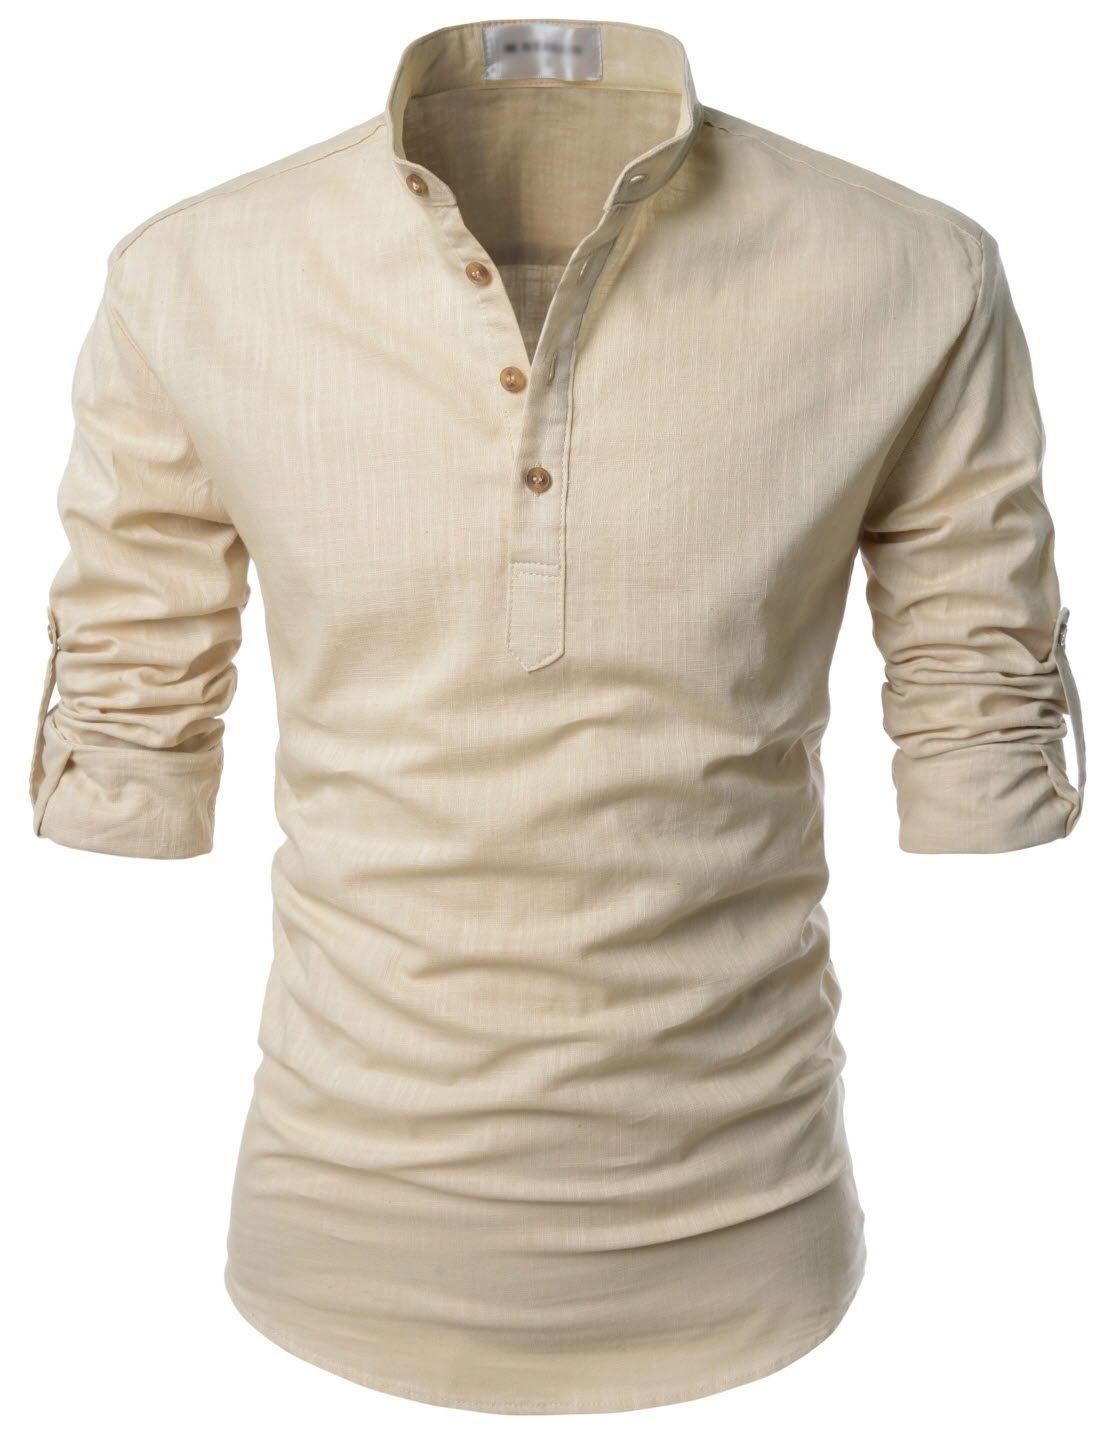 c32d8923e84d5 Mens Beige Henley Mandarin Collar Roll-up Long Sleeved Linen Shirts